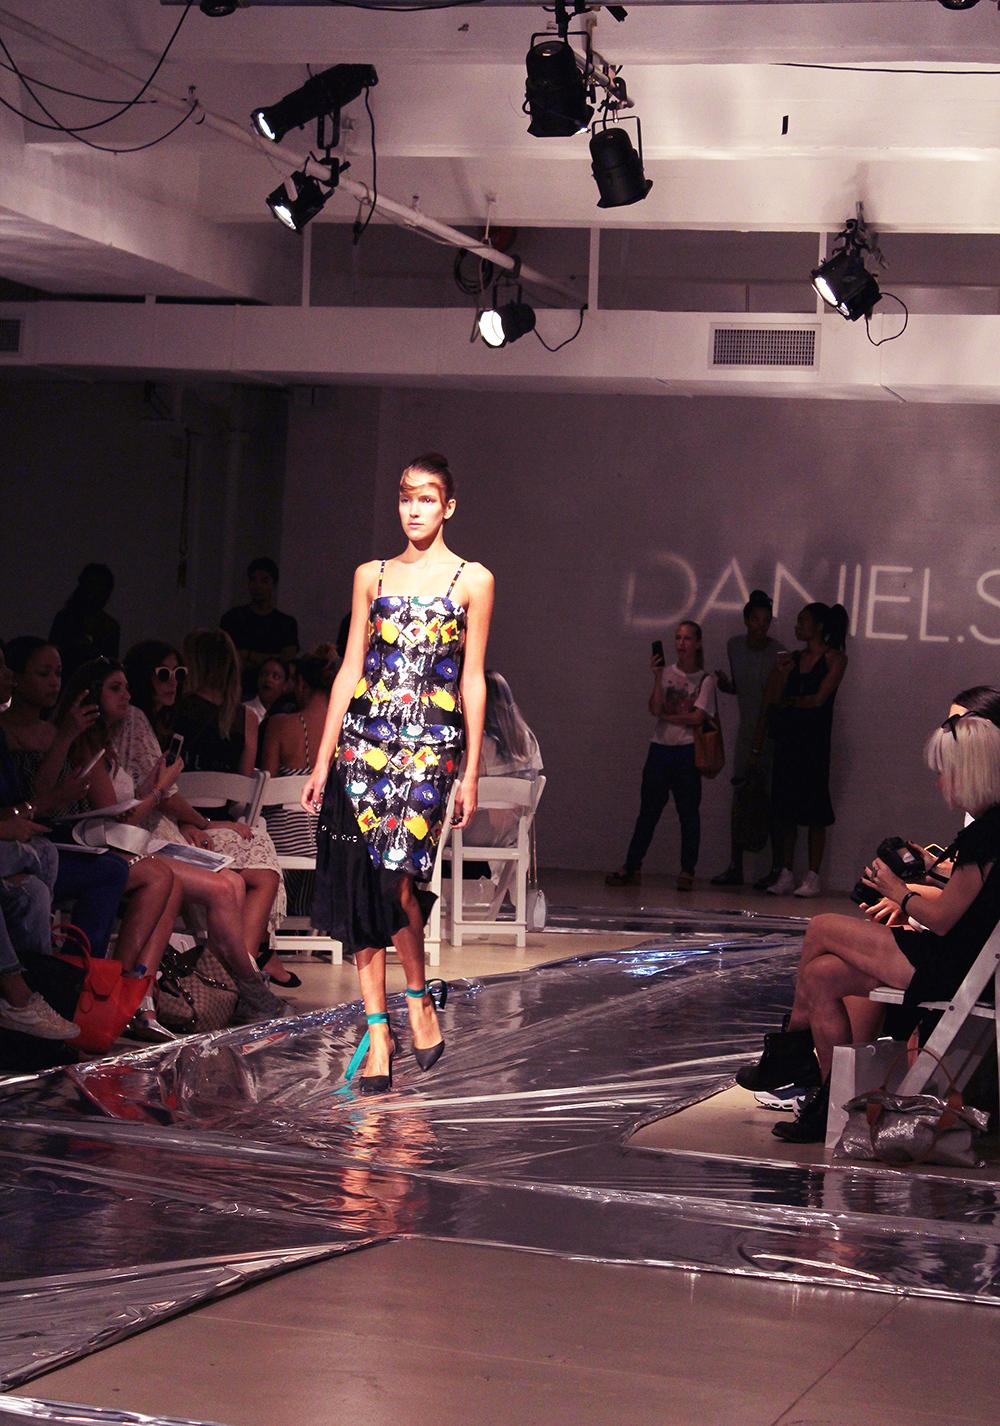 Daniel-Silverstain-14